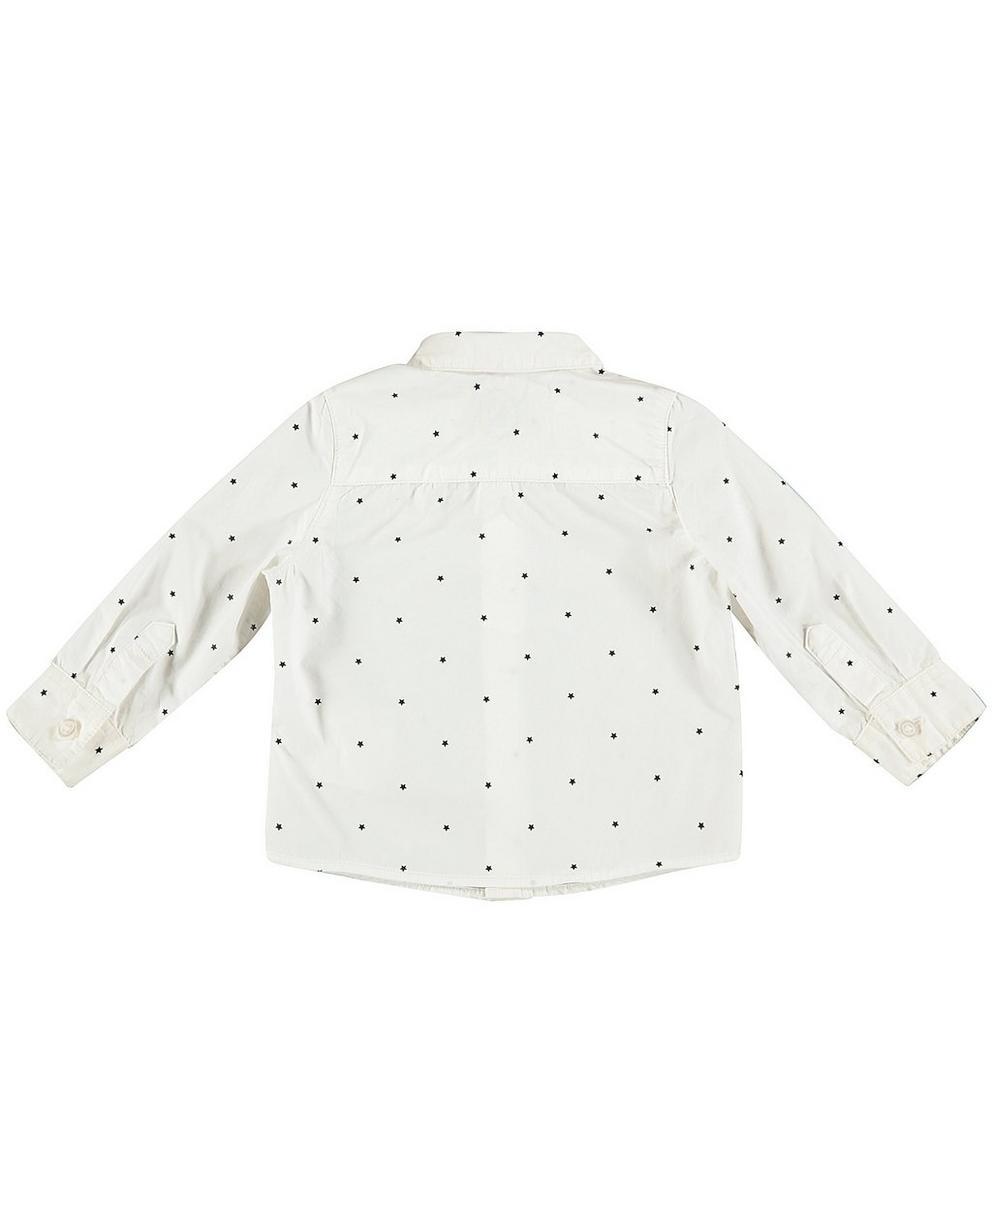 Hemden - Weiss - Weißes Hemd mit Fliege